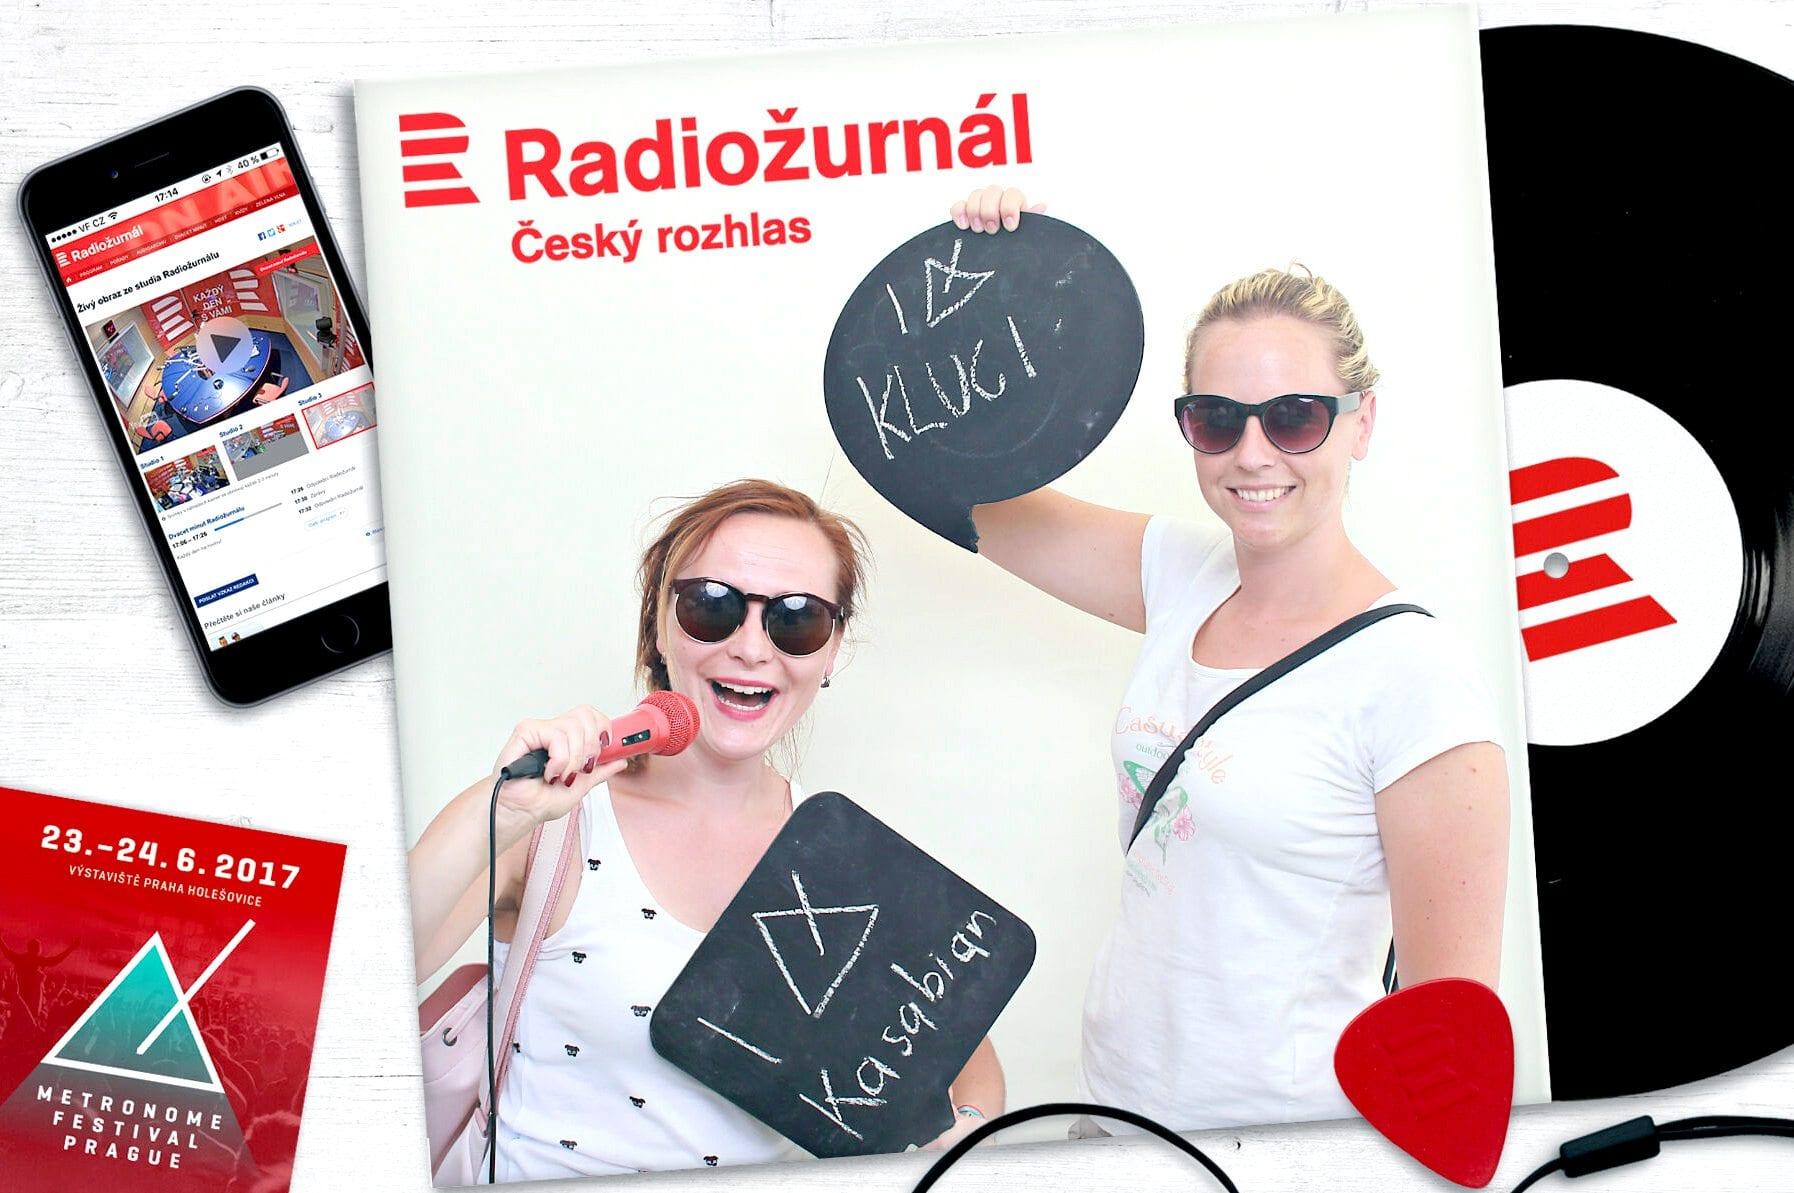 fotokoutek-radiozurnal-metronome-festival-24-6-2017-276773